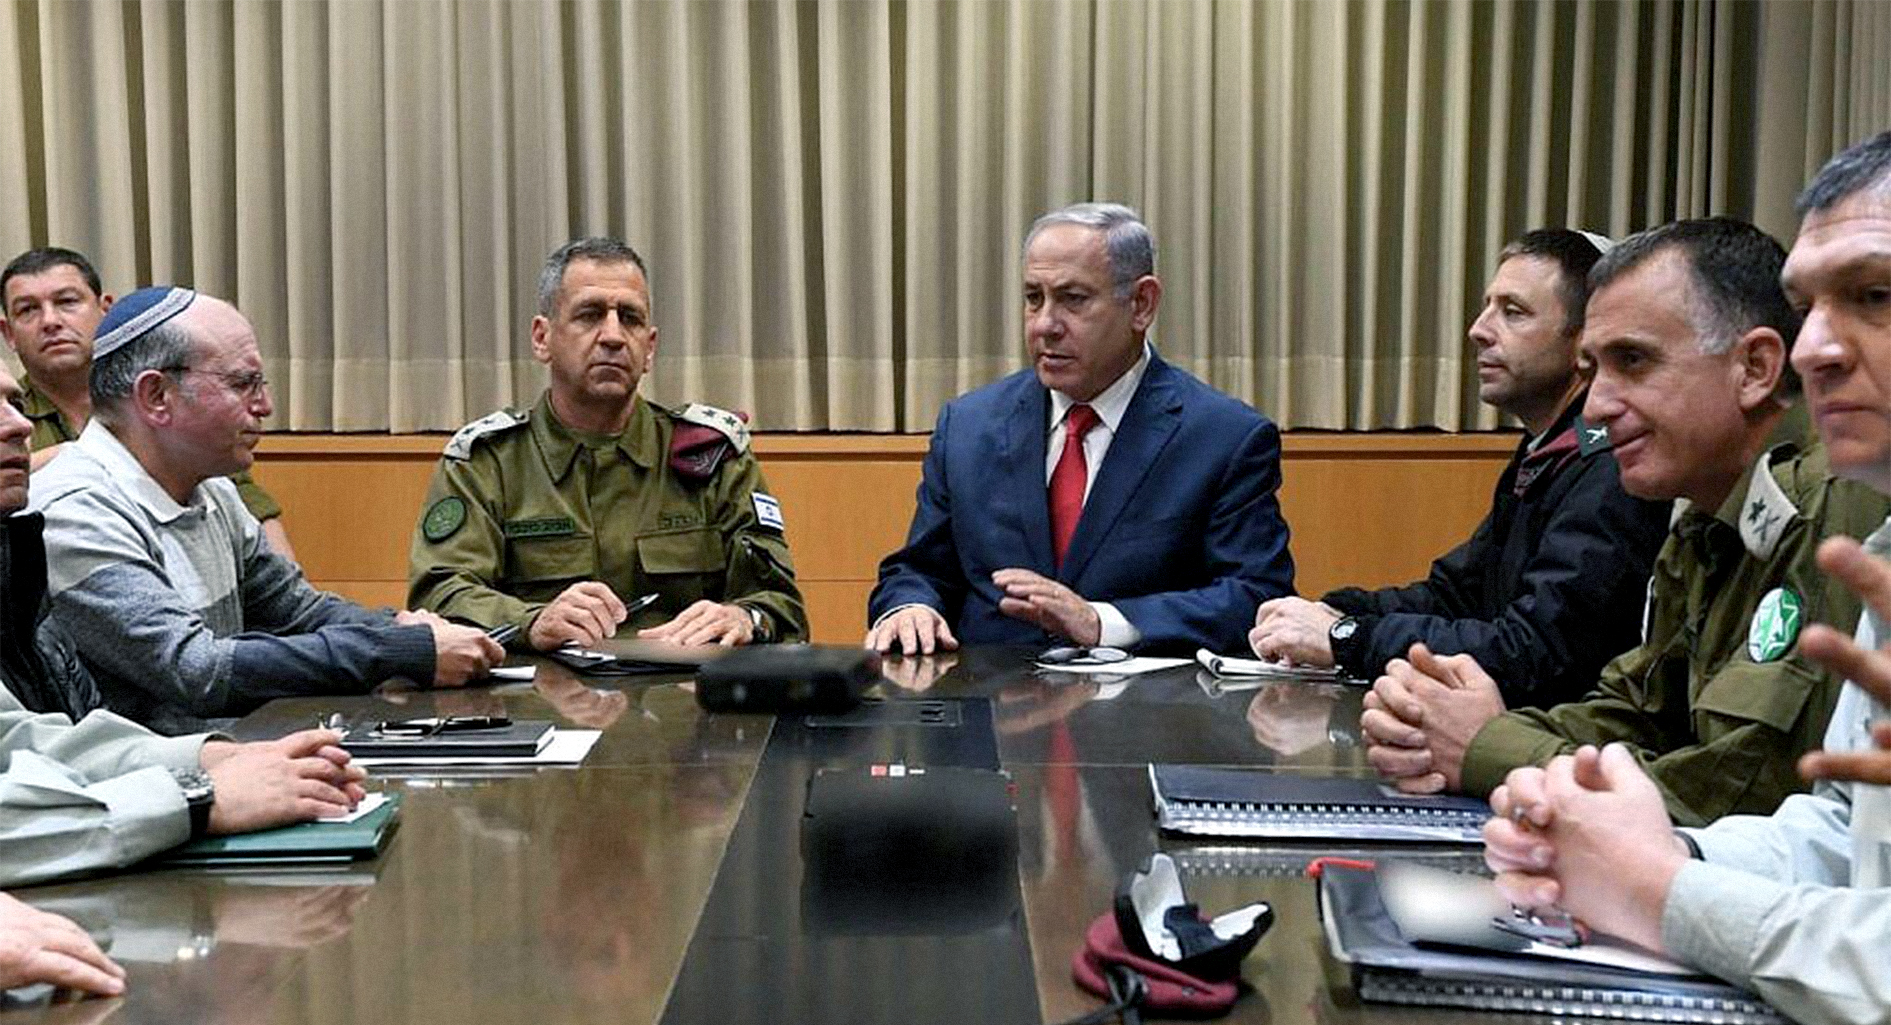 صورة إسرائيل تضطرُّ لوقف القصف على غزة مؤقتاً حتى لا يؤثر صوته على صوت مسابقة يوروفيجن